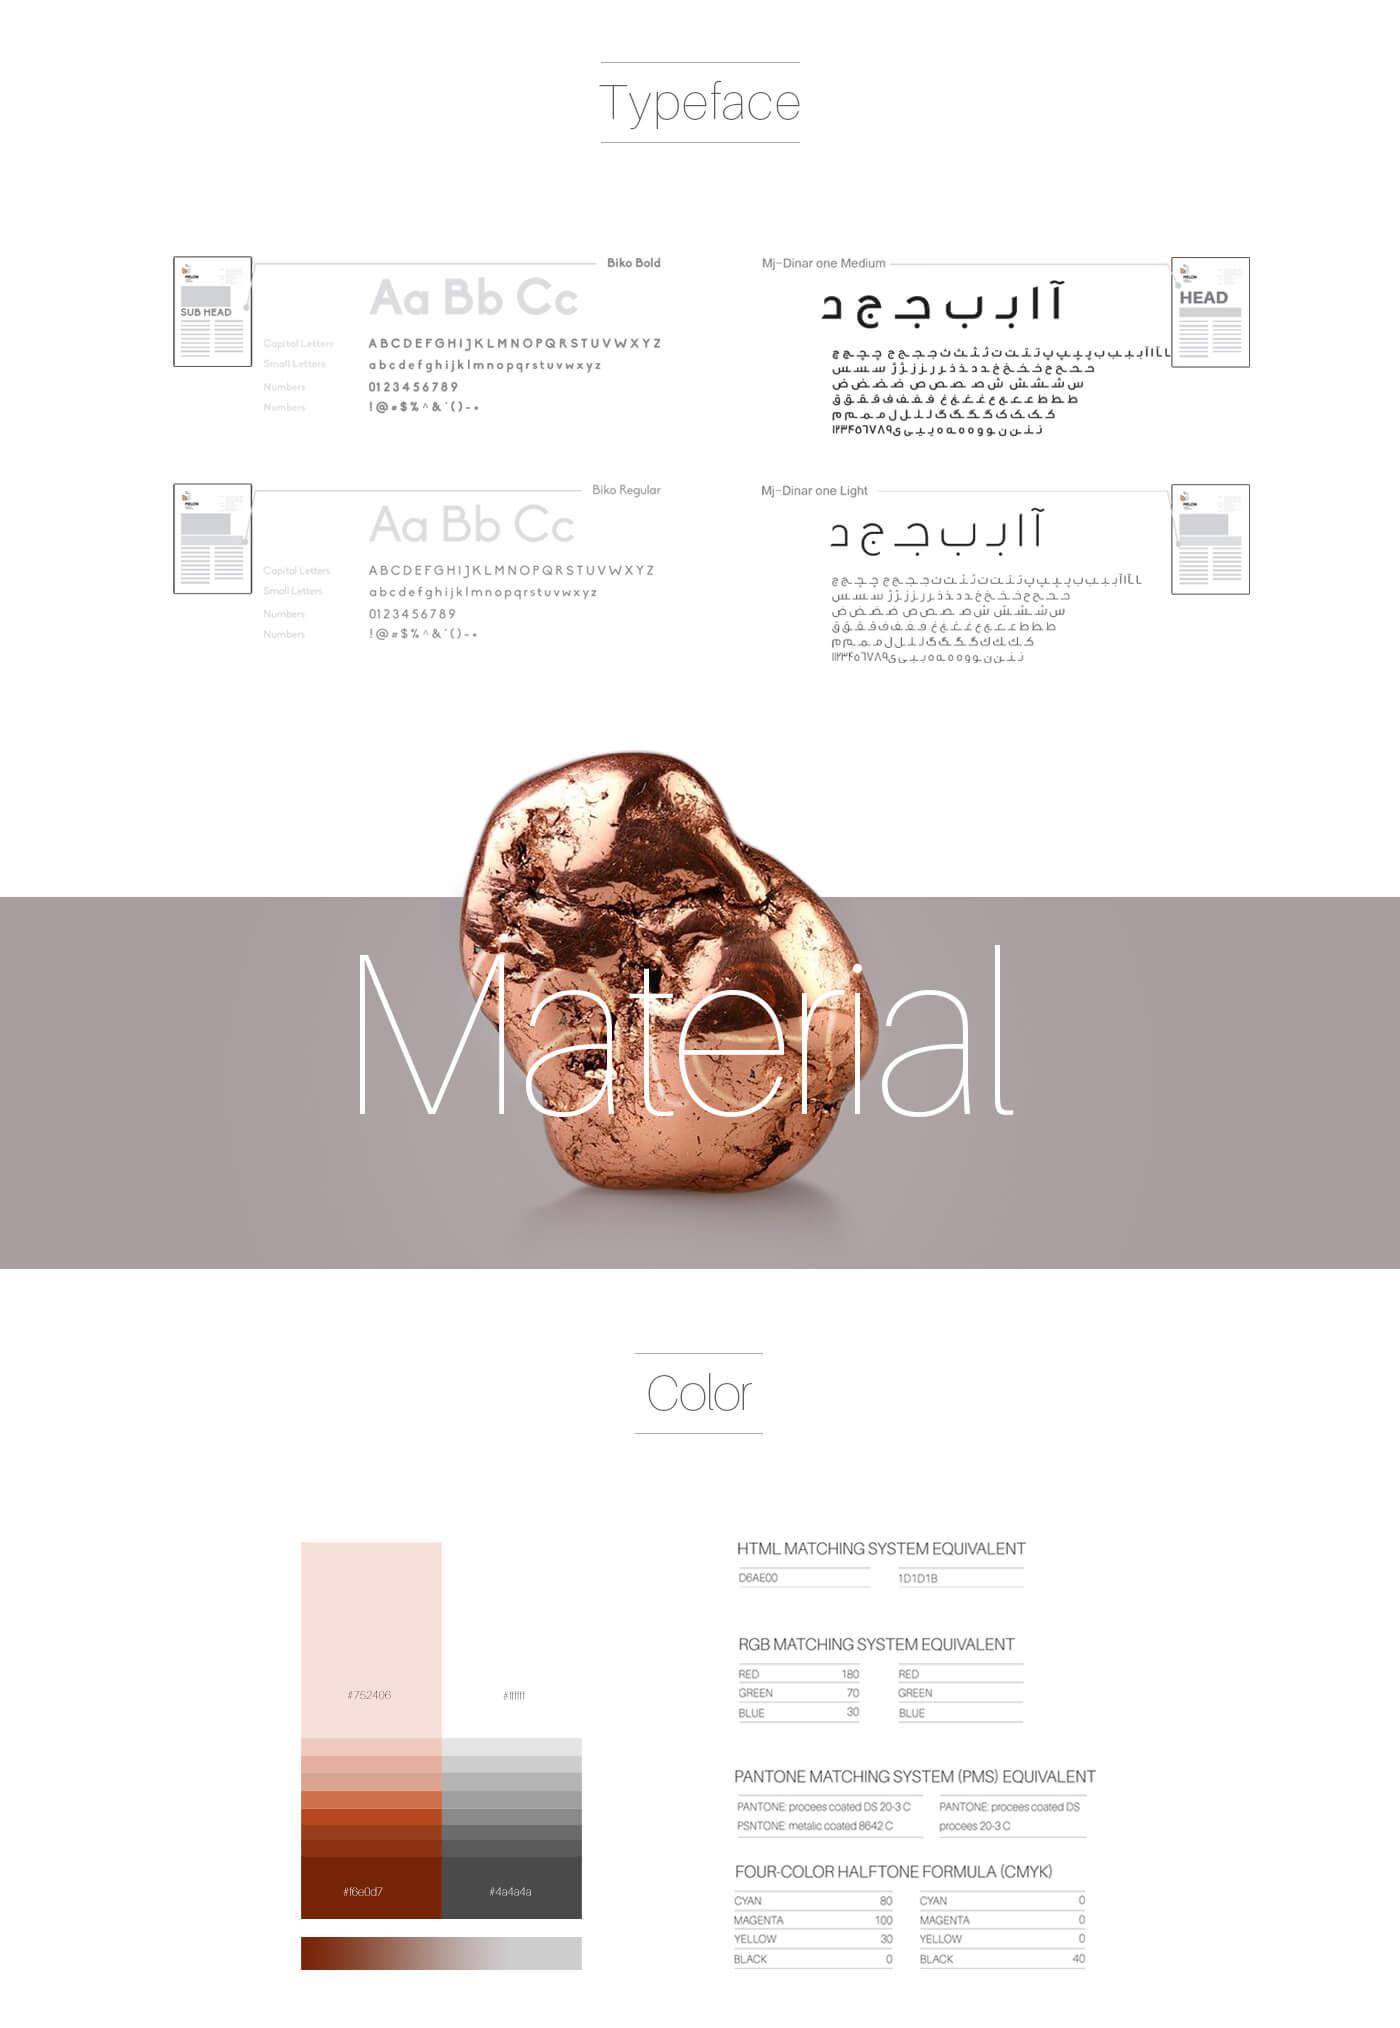 هویت بصری مجموعه طراحی لباس بانوان ملون 4، طراحی لباس بانوان ملون، هویت بصری، طراحی لوگو، طراحی لوگوتایپ، طراحی ست اداری، طراحی اوراق اداری، شرکت تبلیغاتی الف، طراحی هویت بصری